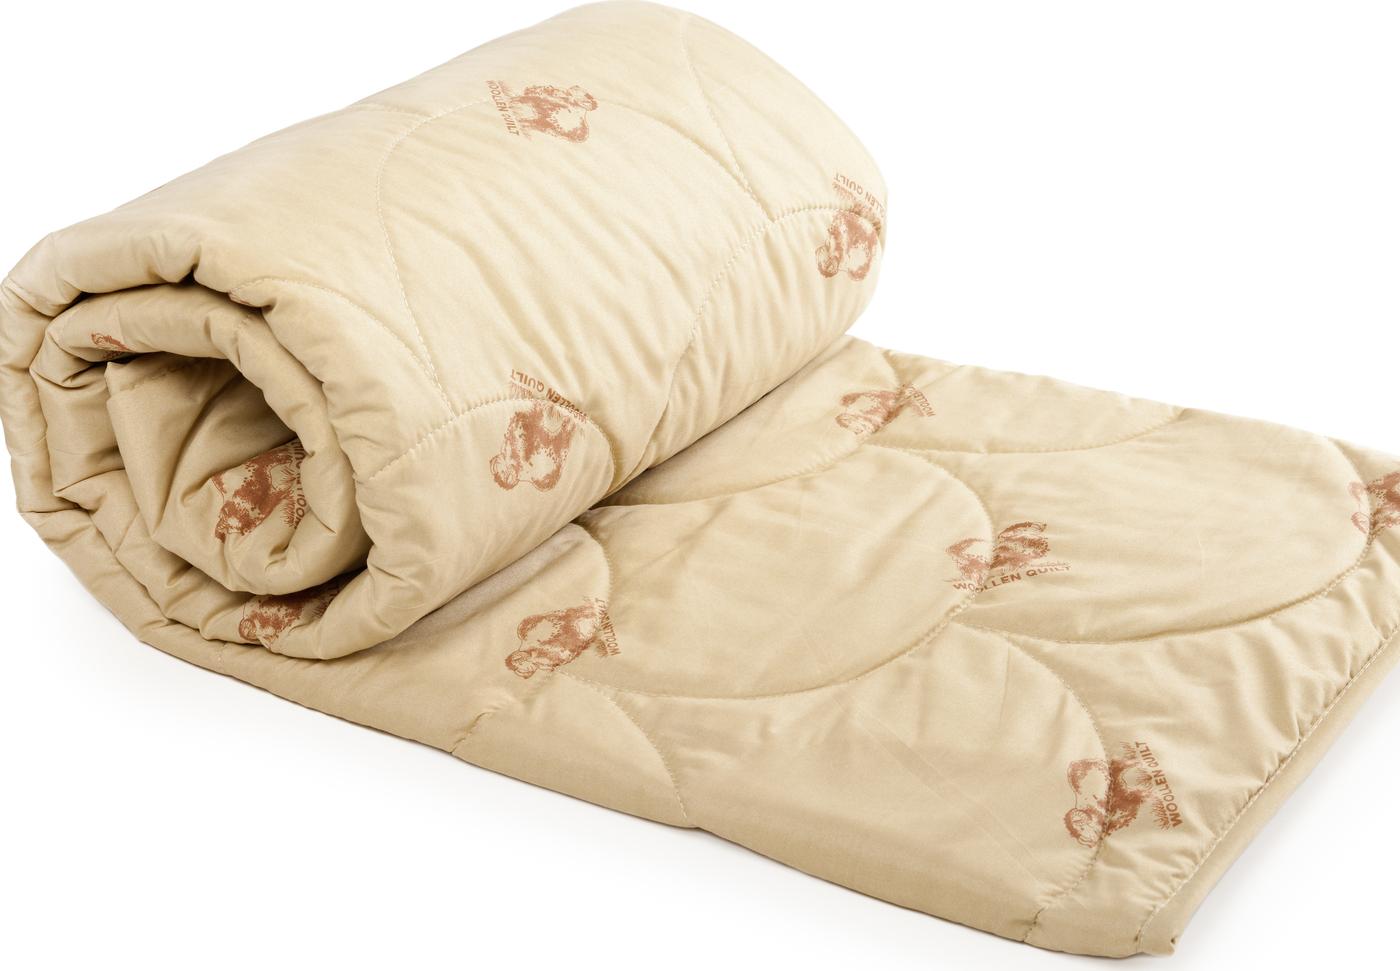 Одеяло ТК Традиция овечья шерсть 300 г 140х205 см, полиэстер, 1,5 сп.